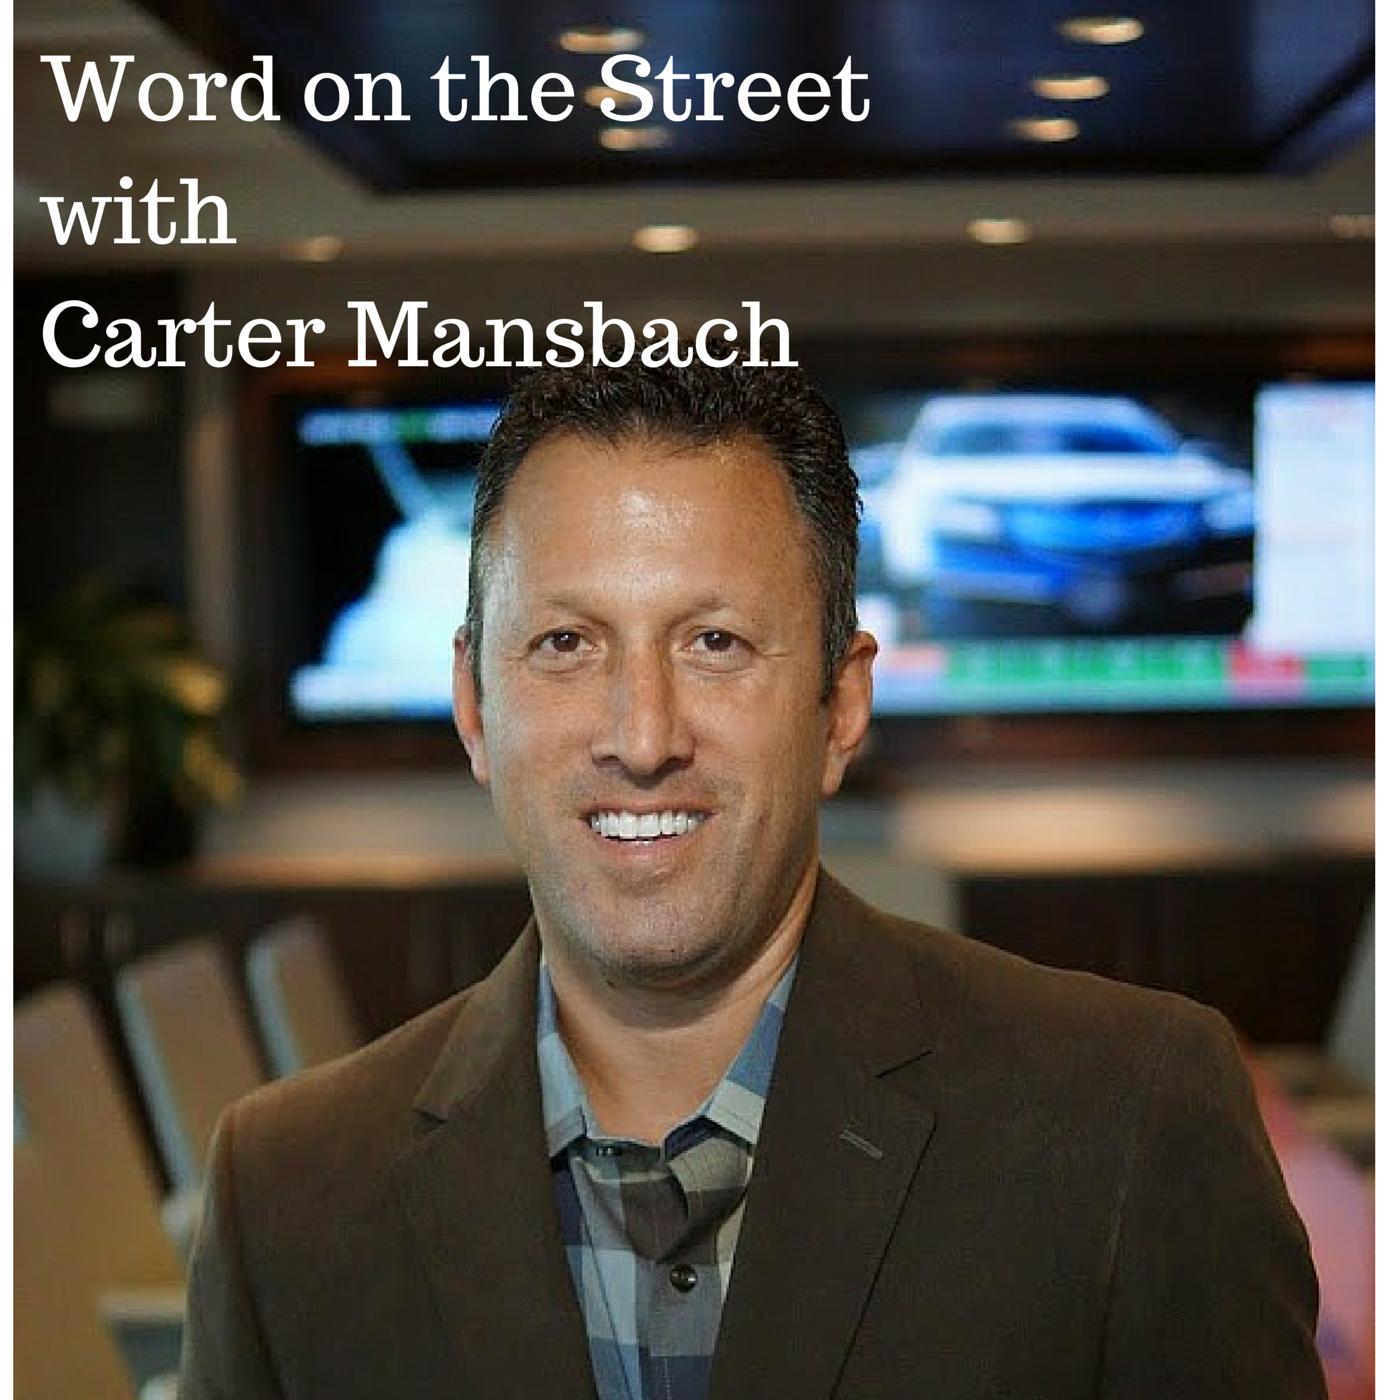 Carter Mansbach